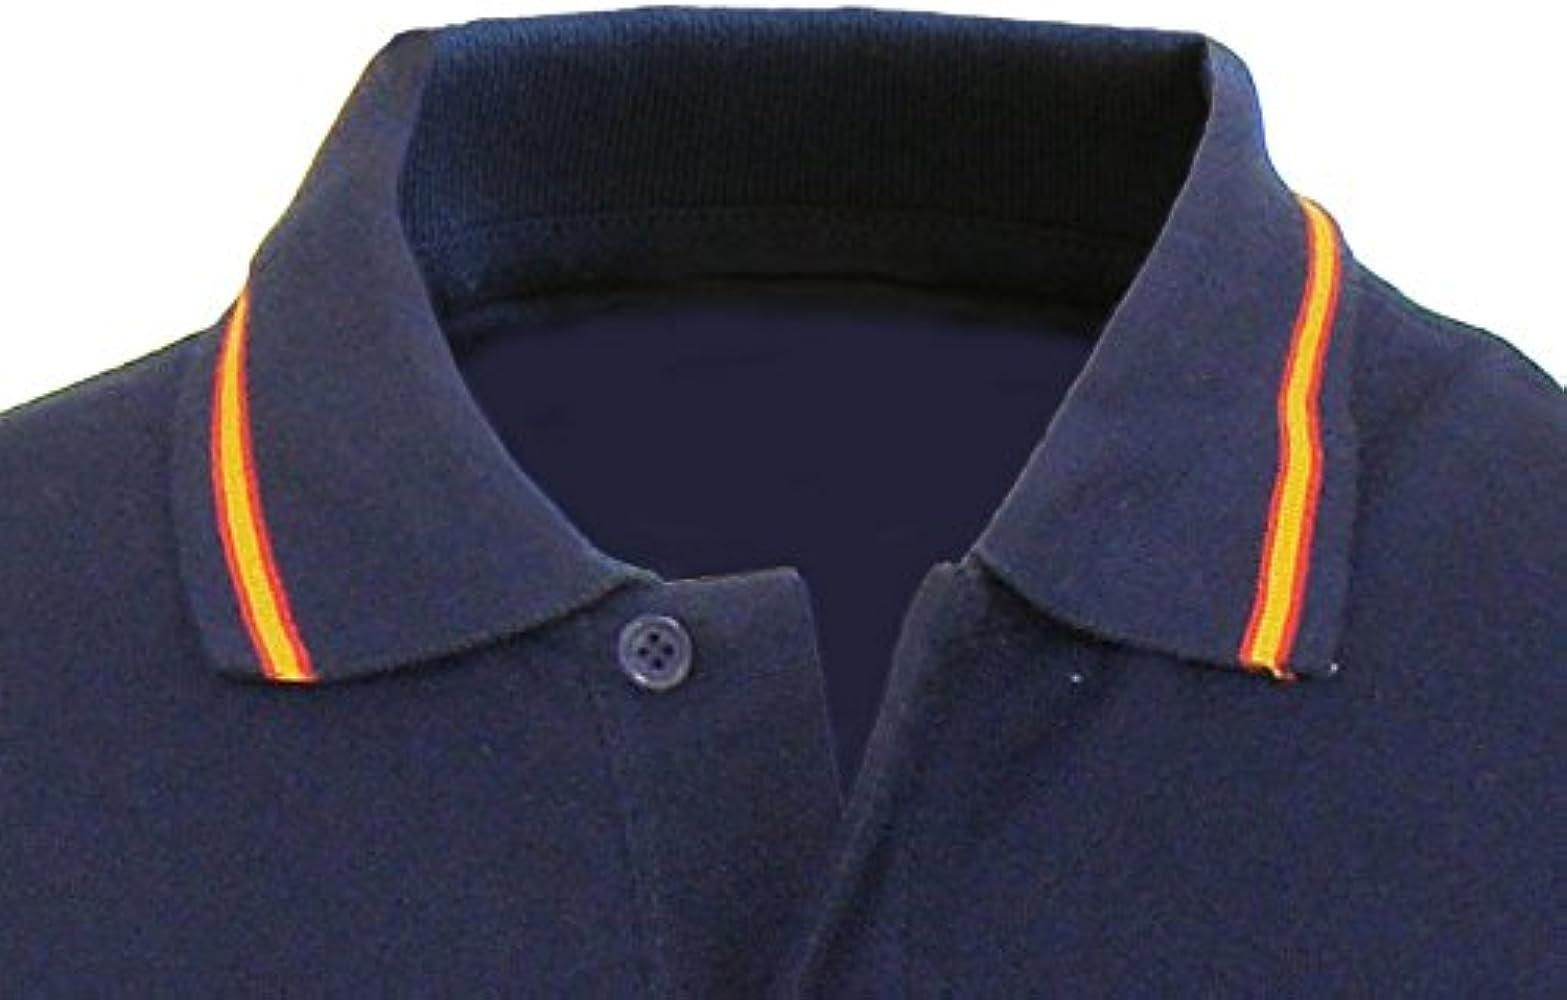 Pi2010 – Polo Hombre Marino, Bordado Guardia Real en Pecho, Bandera España en Cuello y Mangas, 100% algodón, Talla S: Amazon.es: Ropa y accesorios